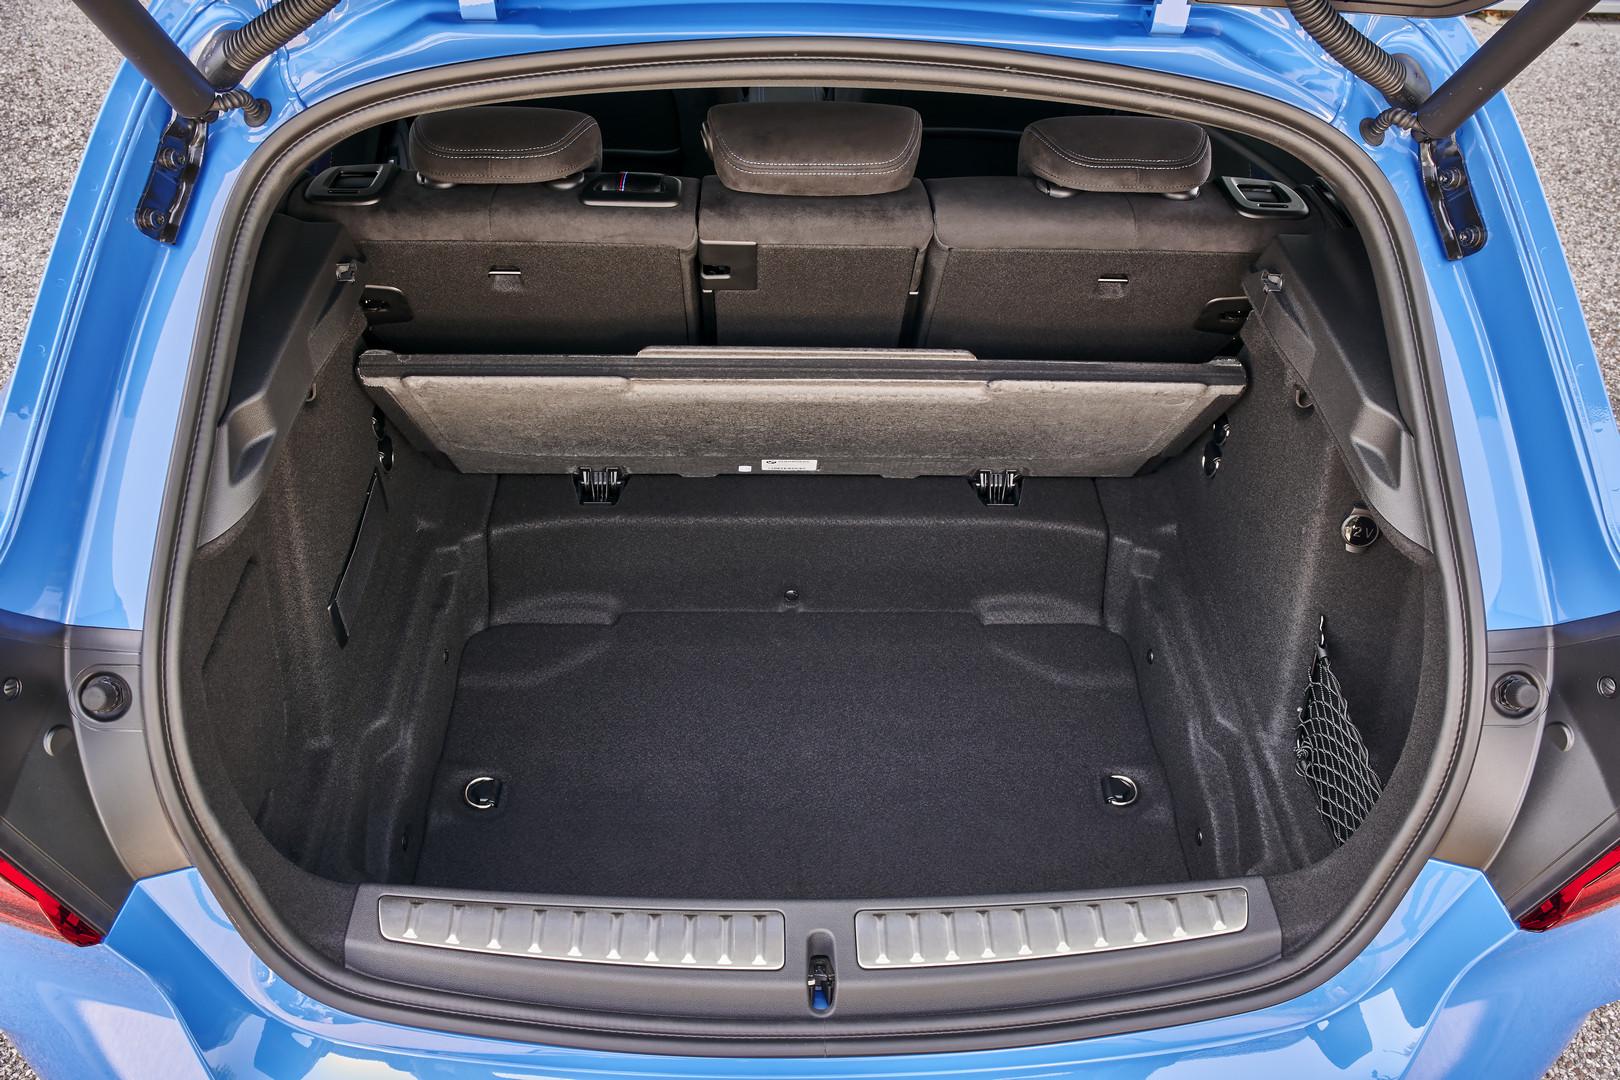 BMW M135i Under Boot